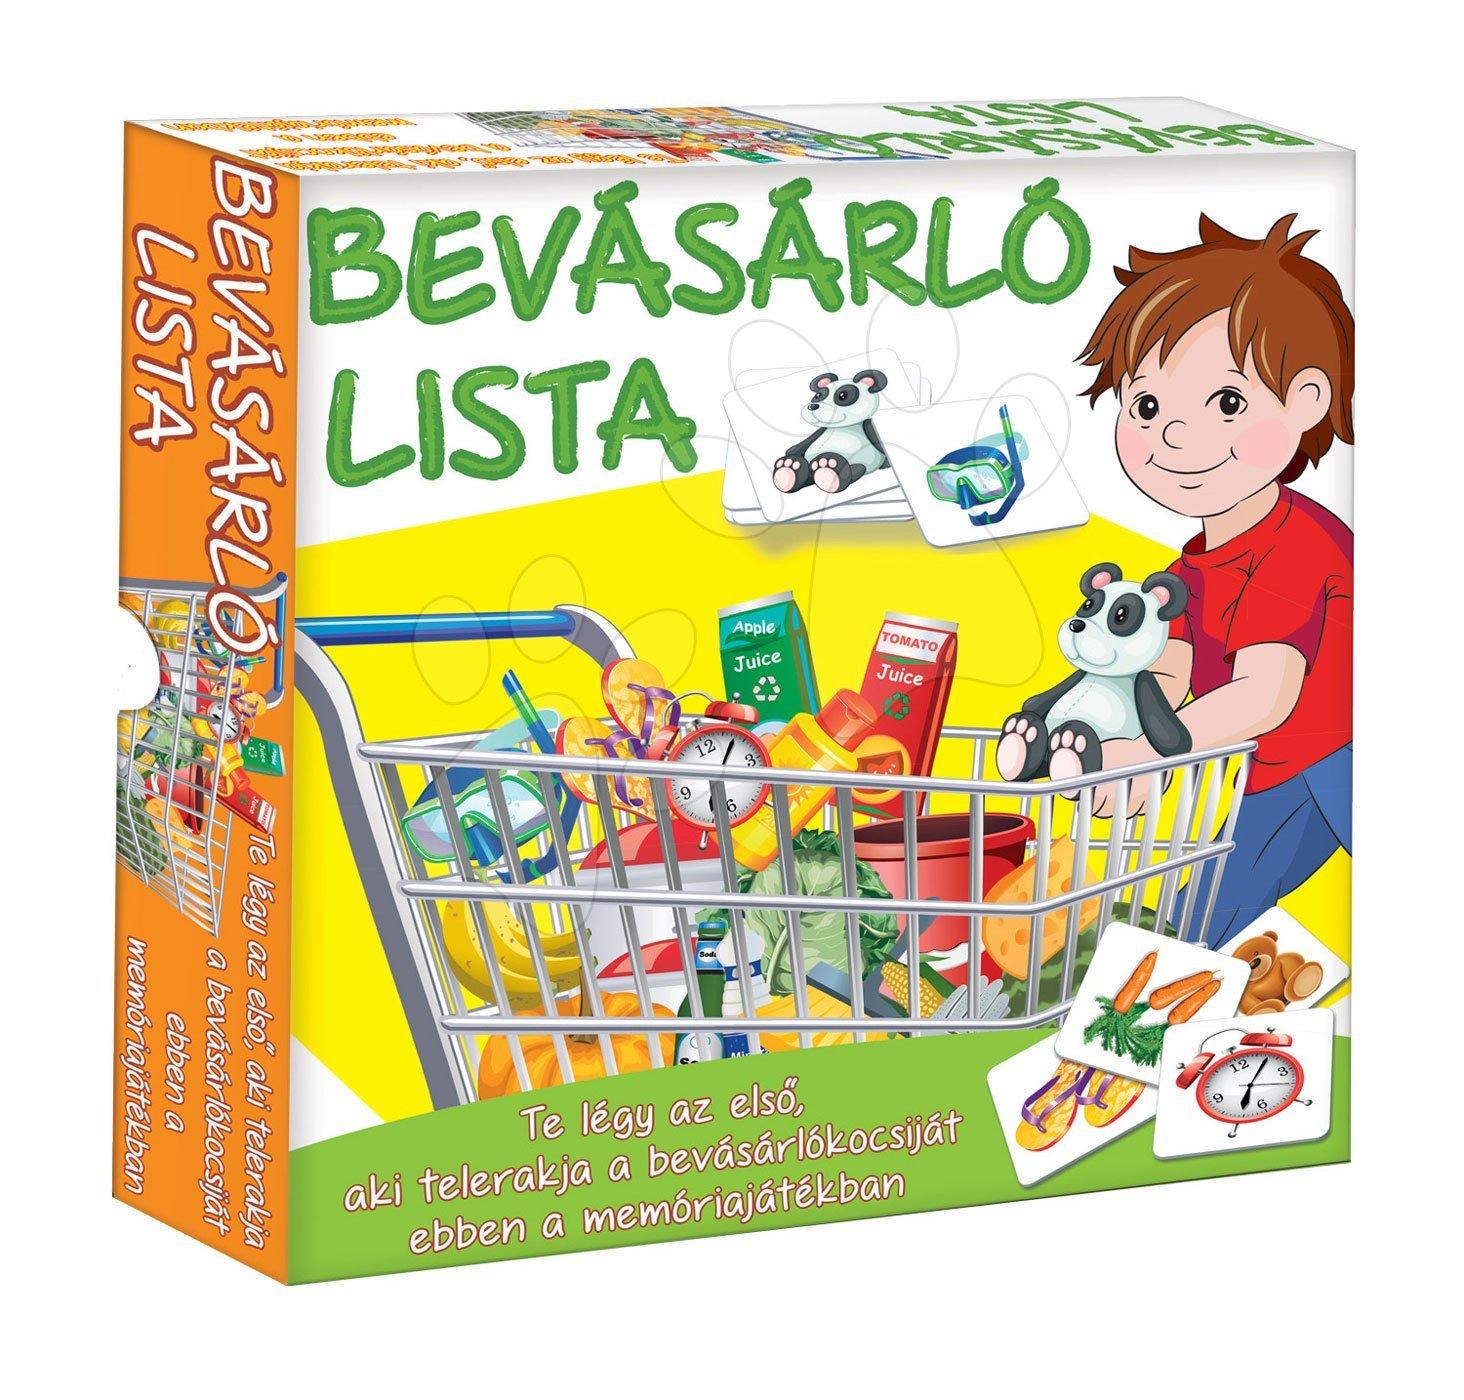 Spoločenské hry pre deti - Spoločenská hra Môj nákupný vozík - pamäťová a náučná hra o potravinách Dohány